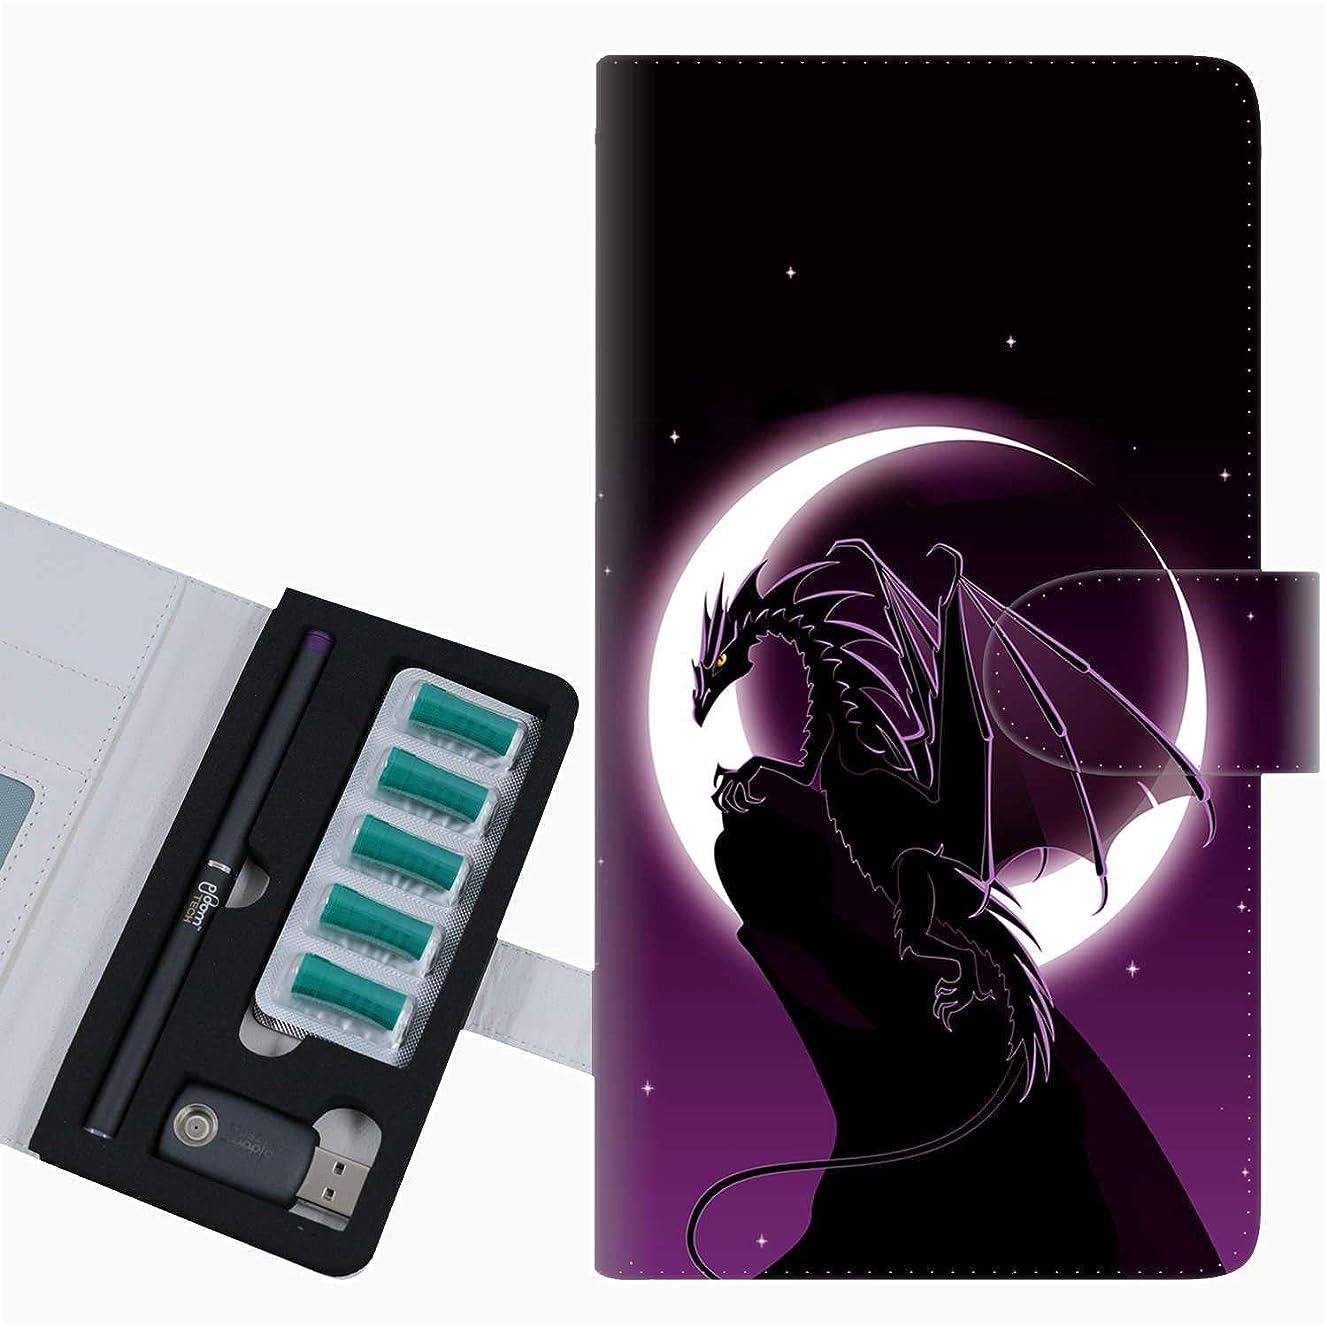 混乱させる時代遅れハーフプルーム テック 専用 ケース 手帳型 ploom tech ケース 【037 三日月とドラゴン】